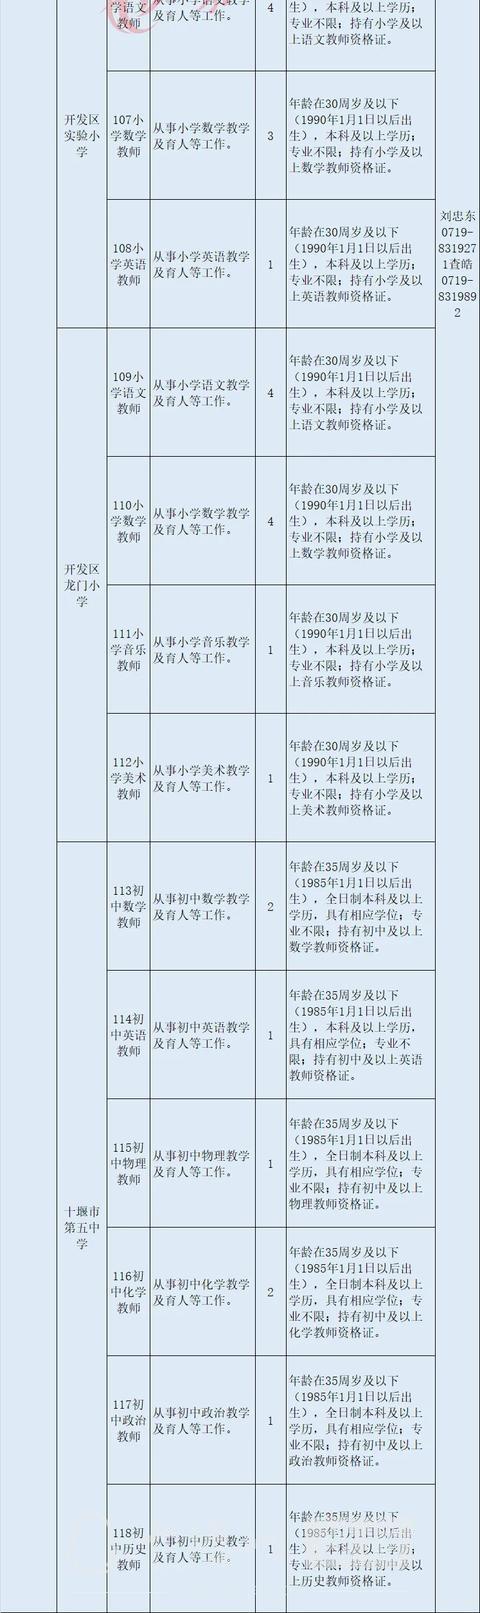 十堰启动事业单位大规模招聘,最全岗位表来了-10.jpg